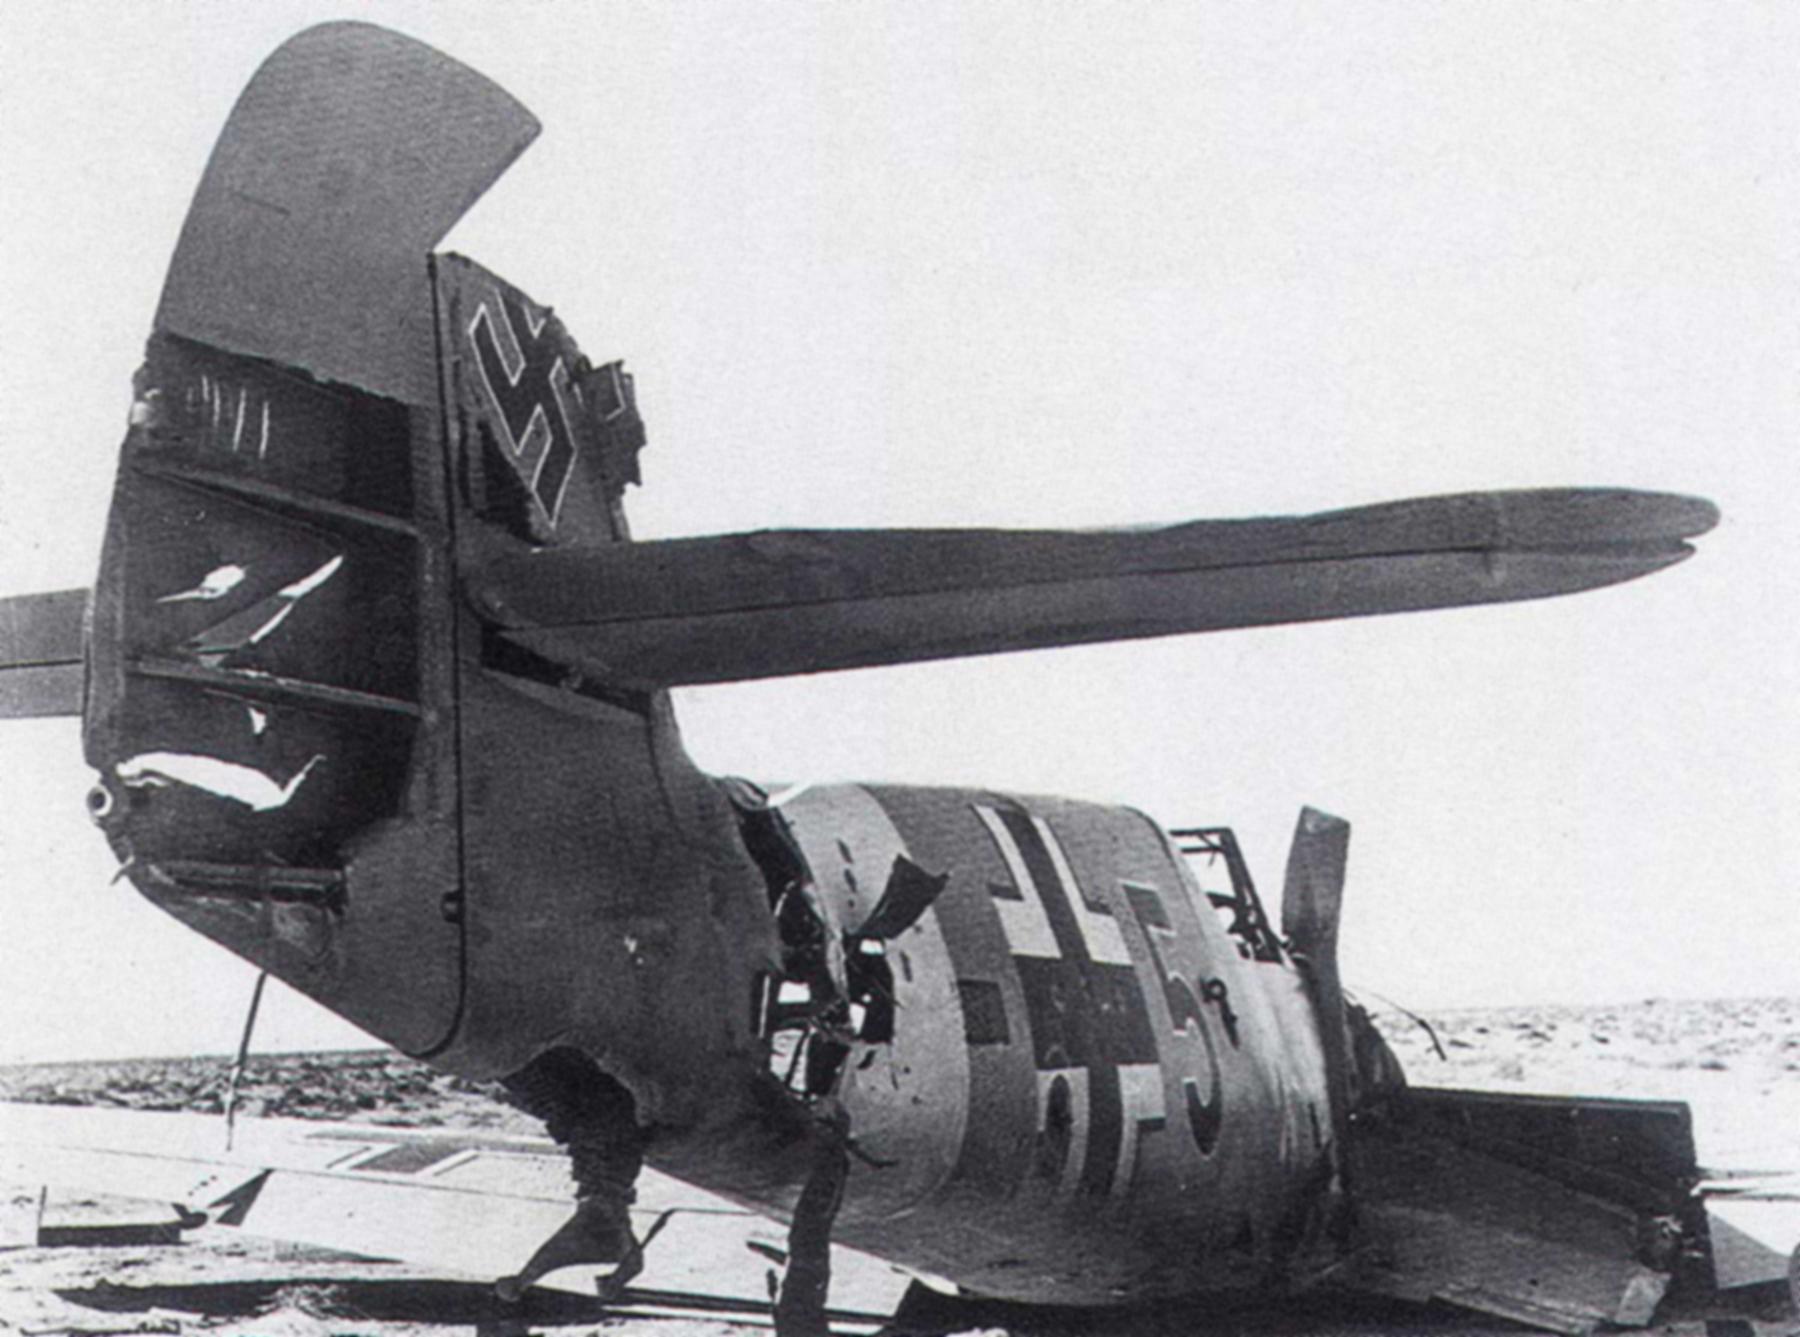 Messerschmitt Bf 109F4Trop 5.JG27 Red 5 abandoned North Africa Nov 1942 01